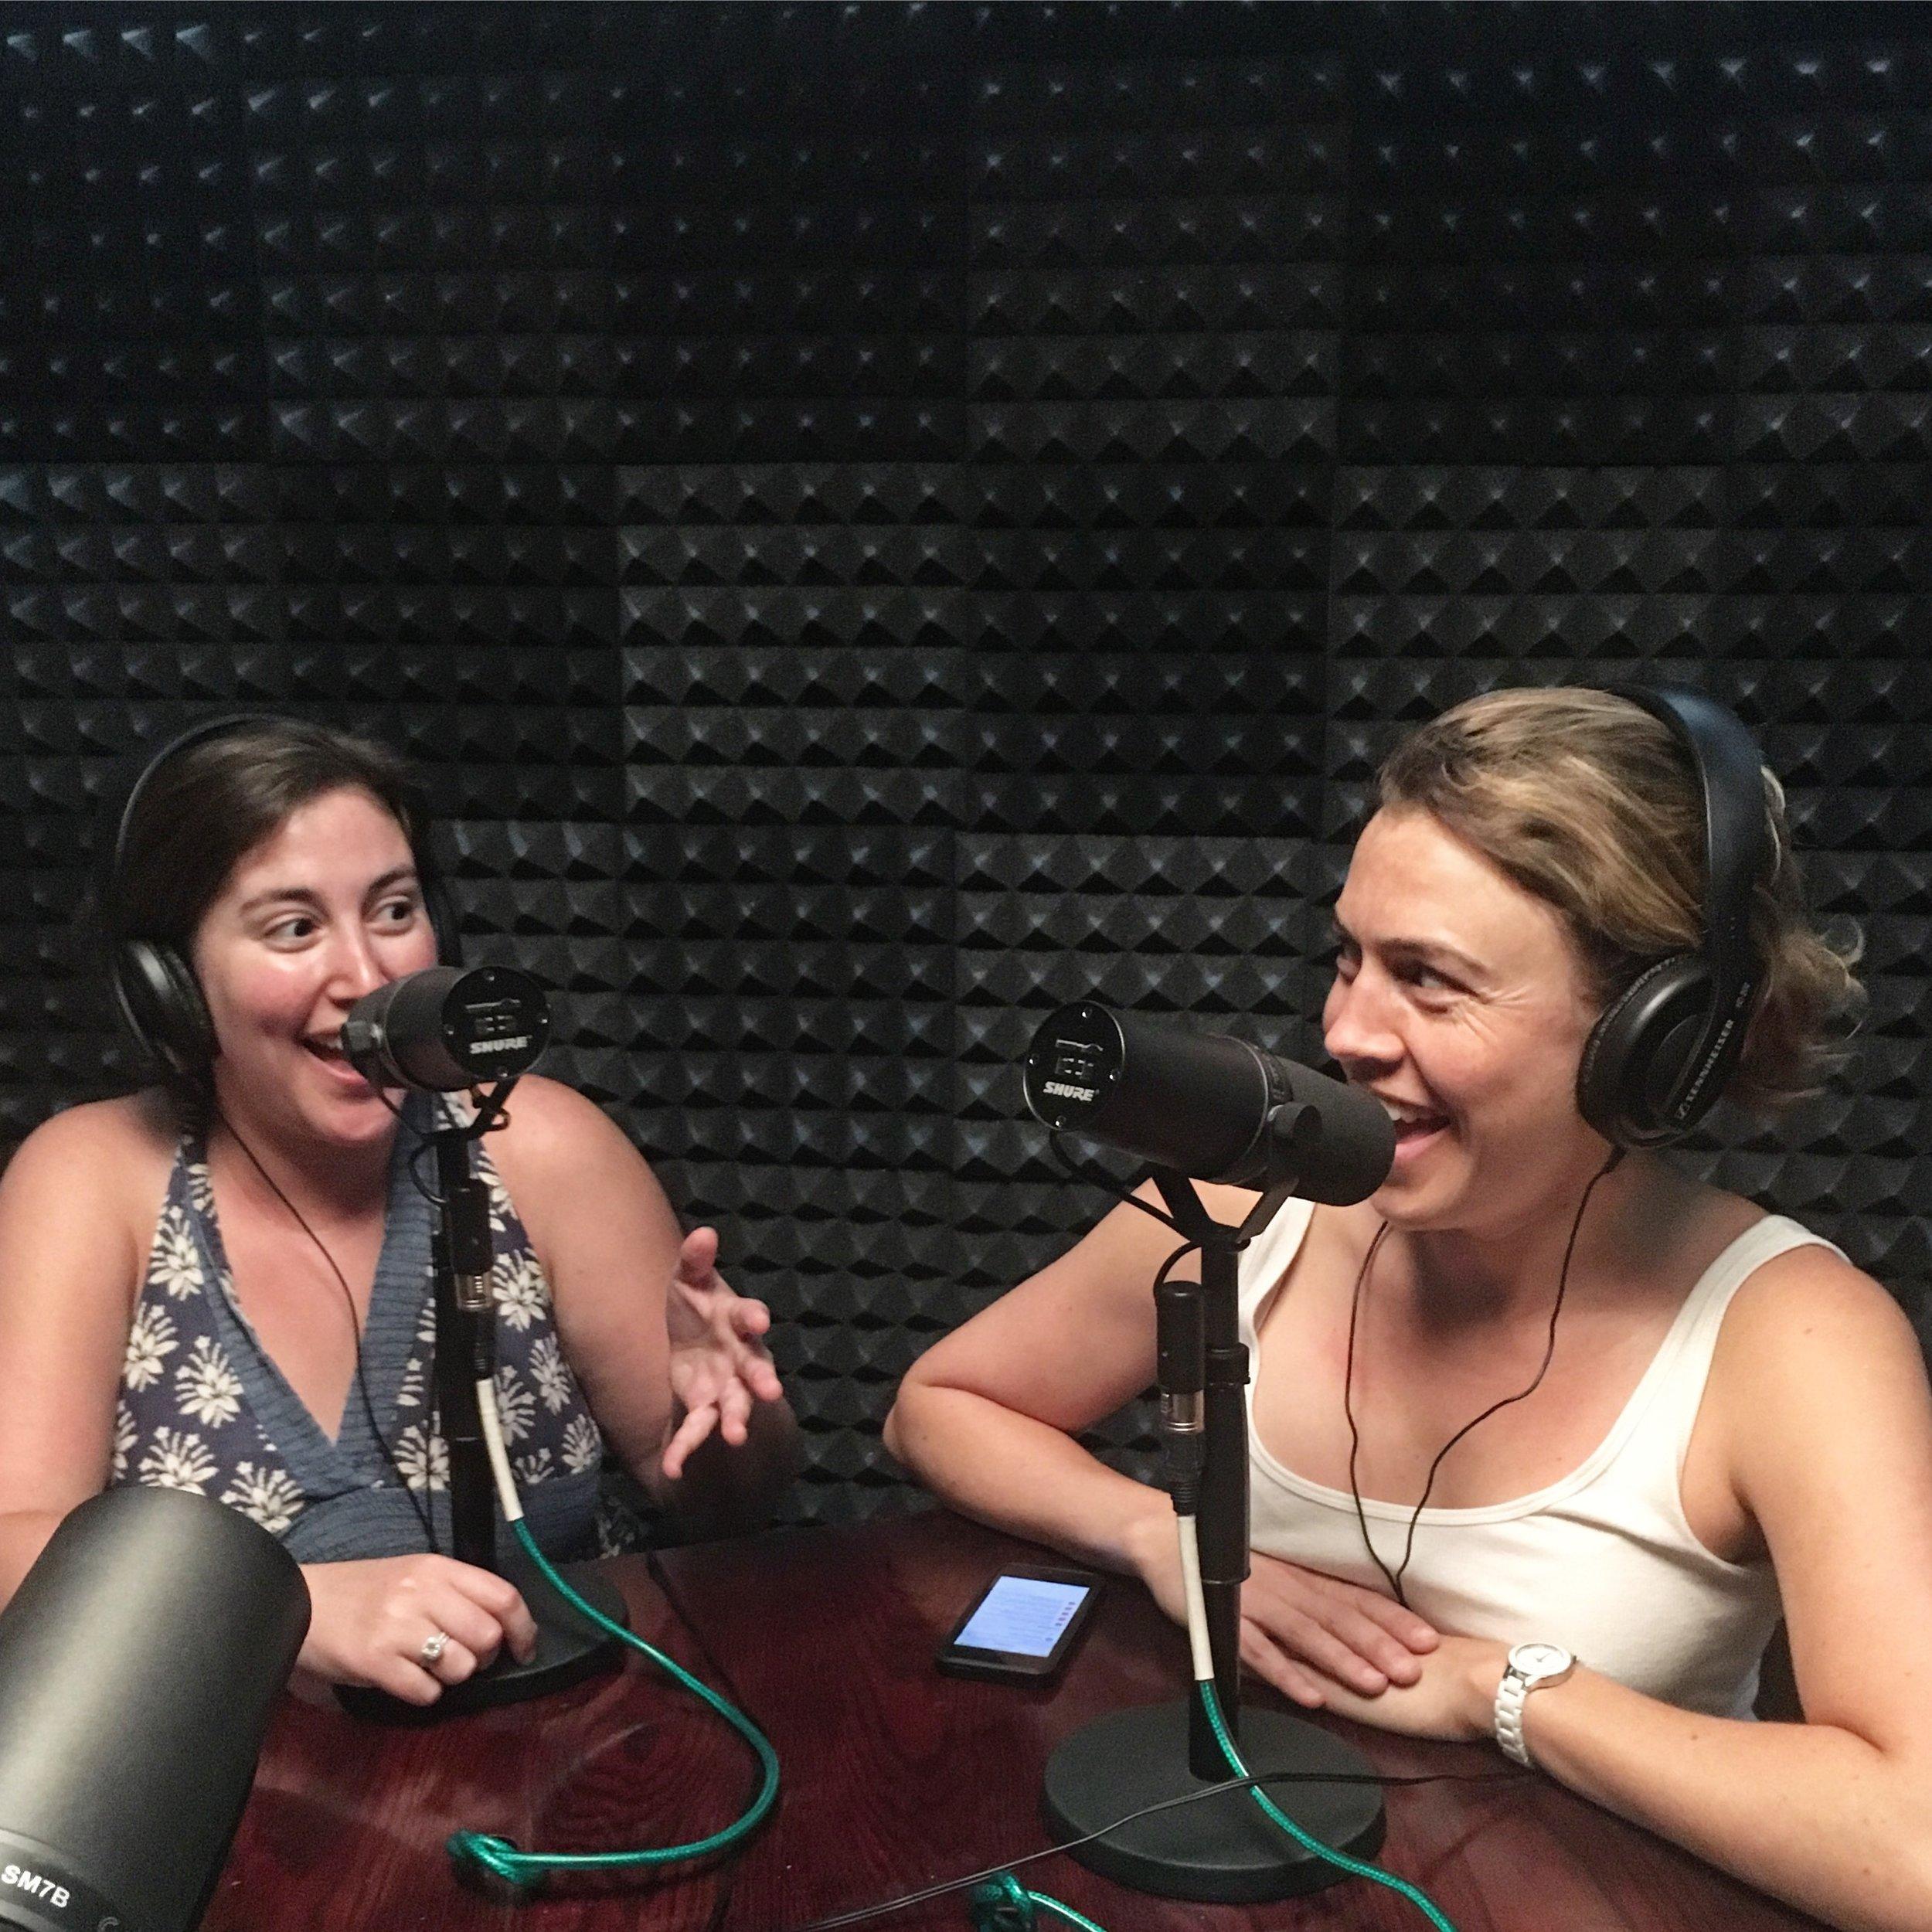 Chelsea Steiner and Megan Brotherton, at The Nerdist School in Los Angeles.